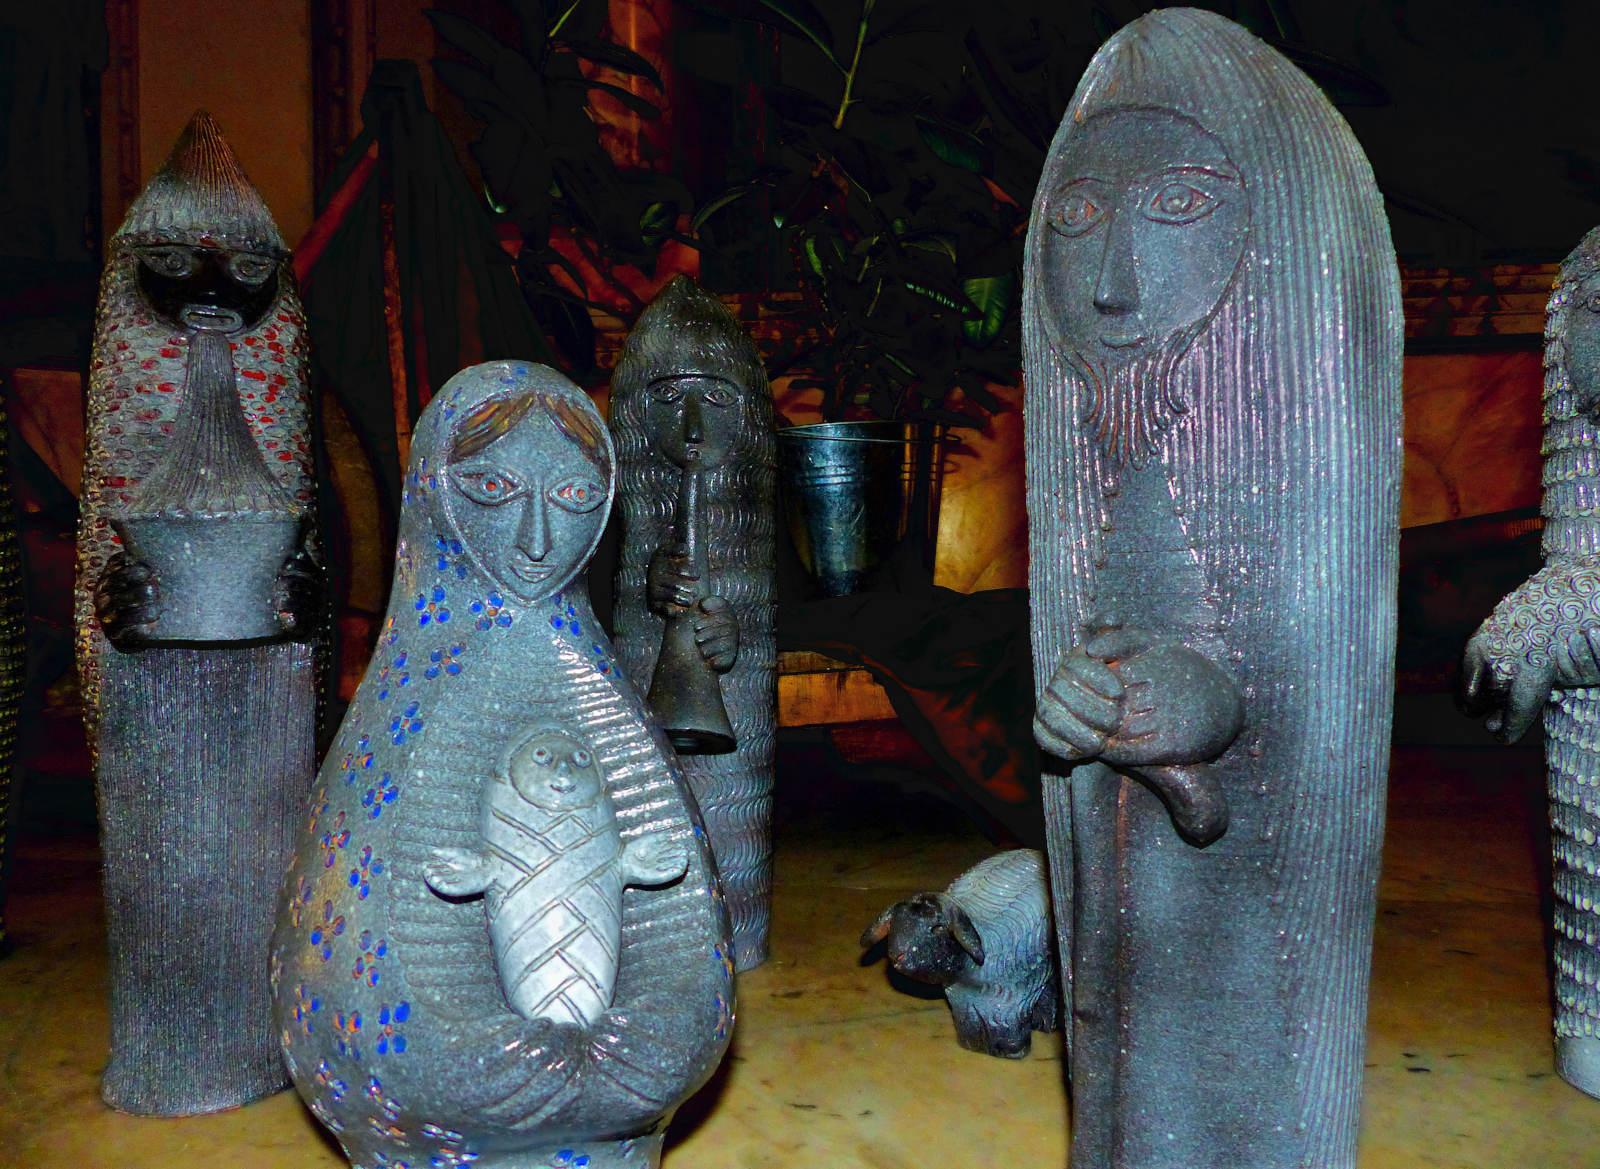 Céramiques André Brice - Crèche de l'alunissage, 1961.